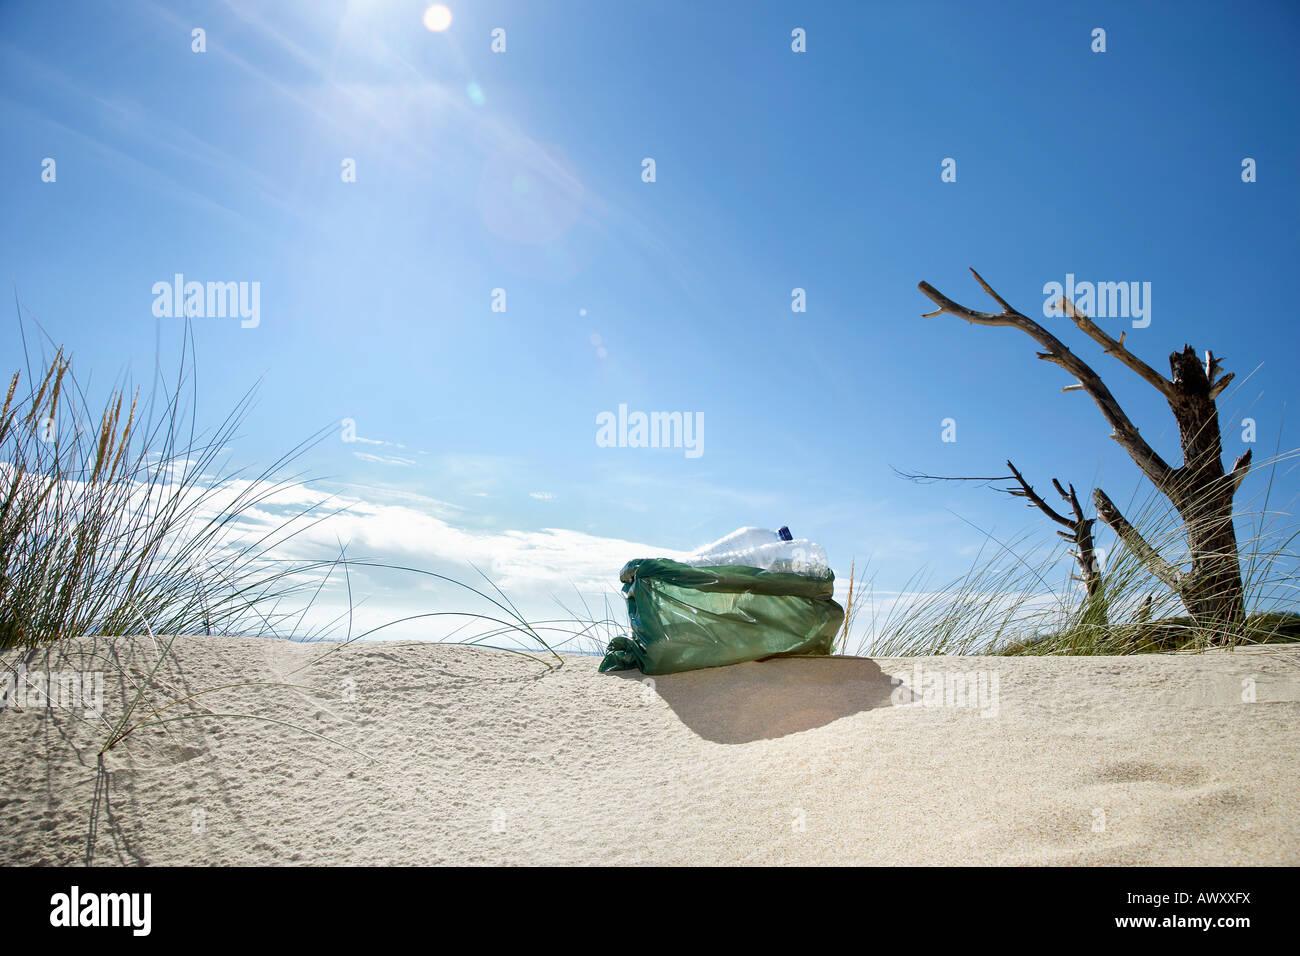 Rubbish bag on sand dune - Stock Image